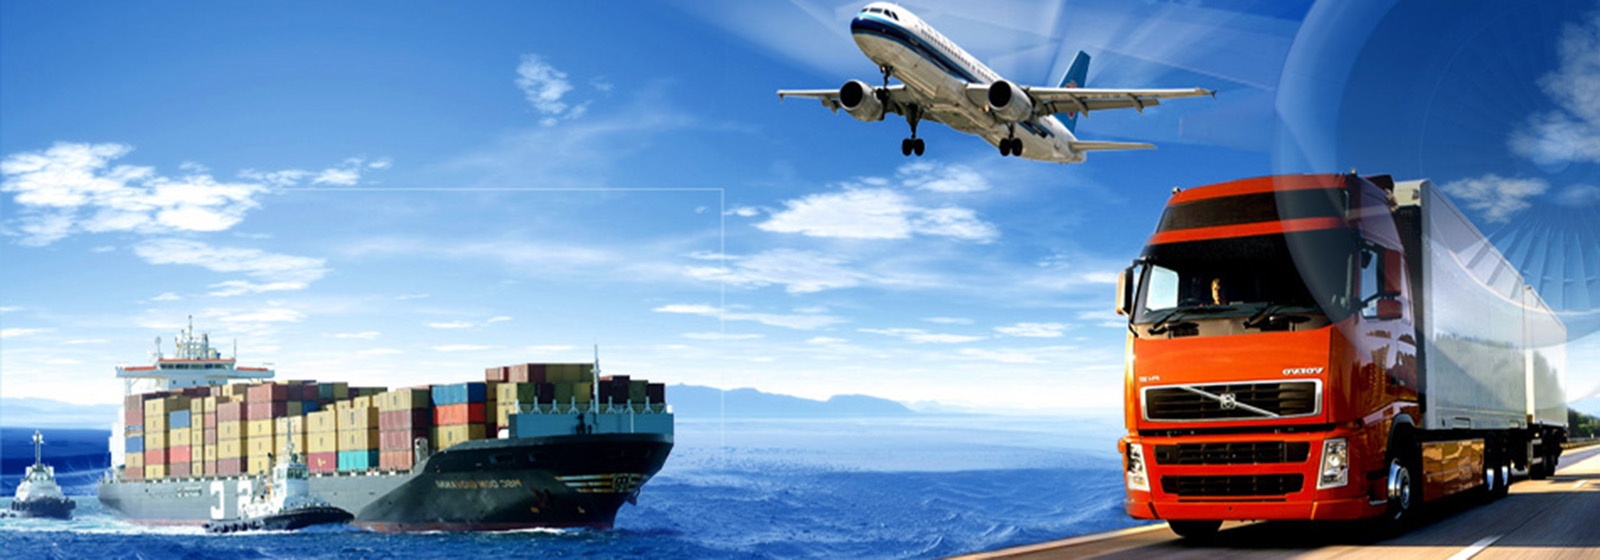 Thông báo giao hàng chậm dịch covid 19